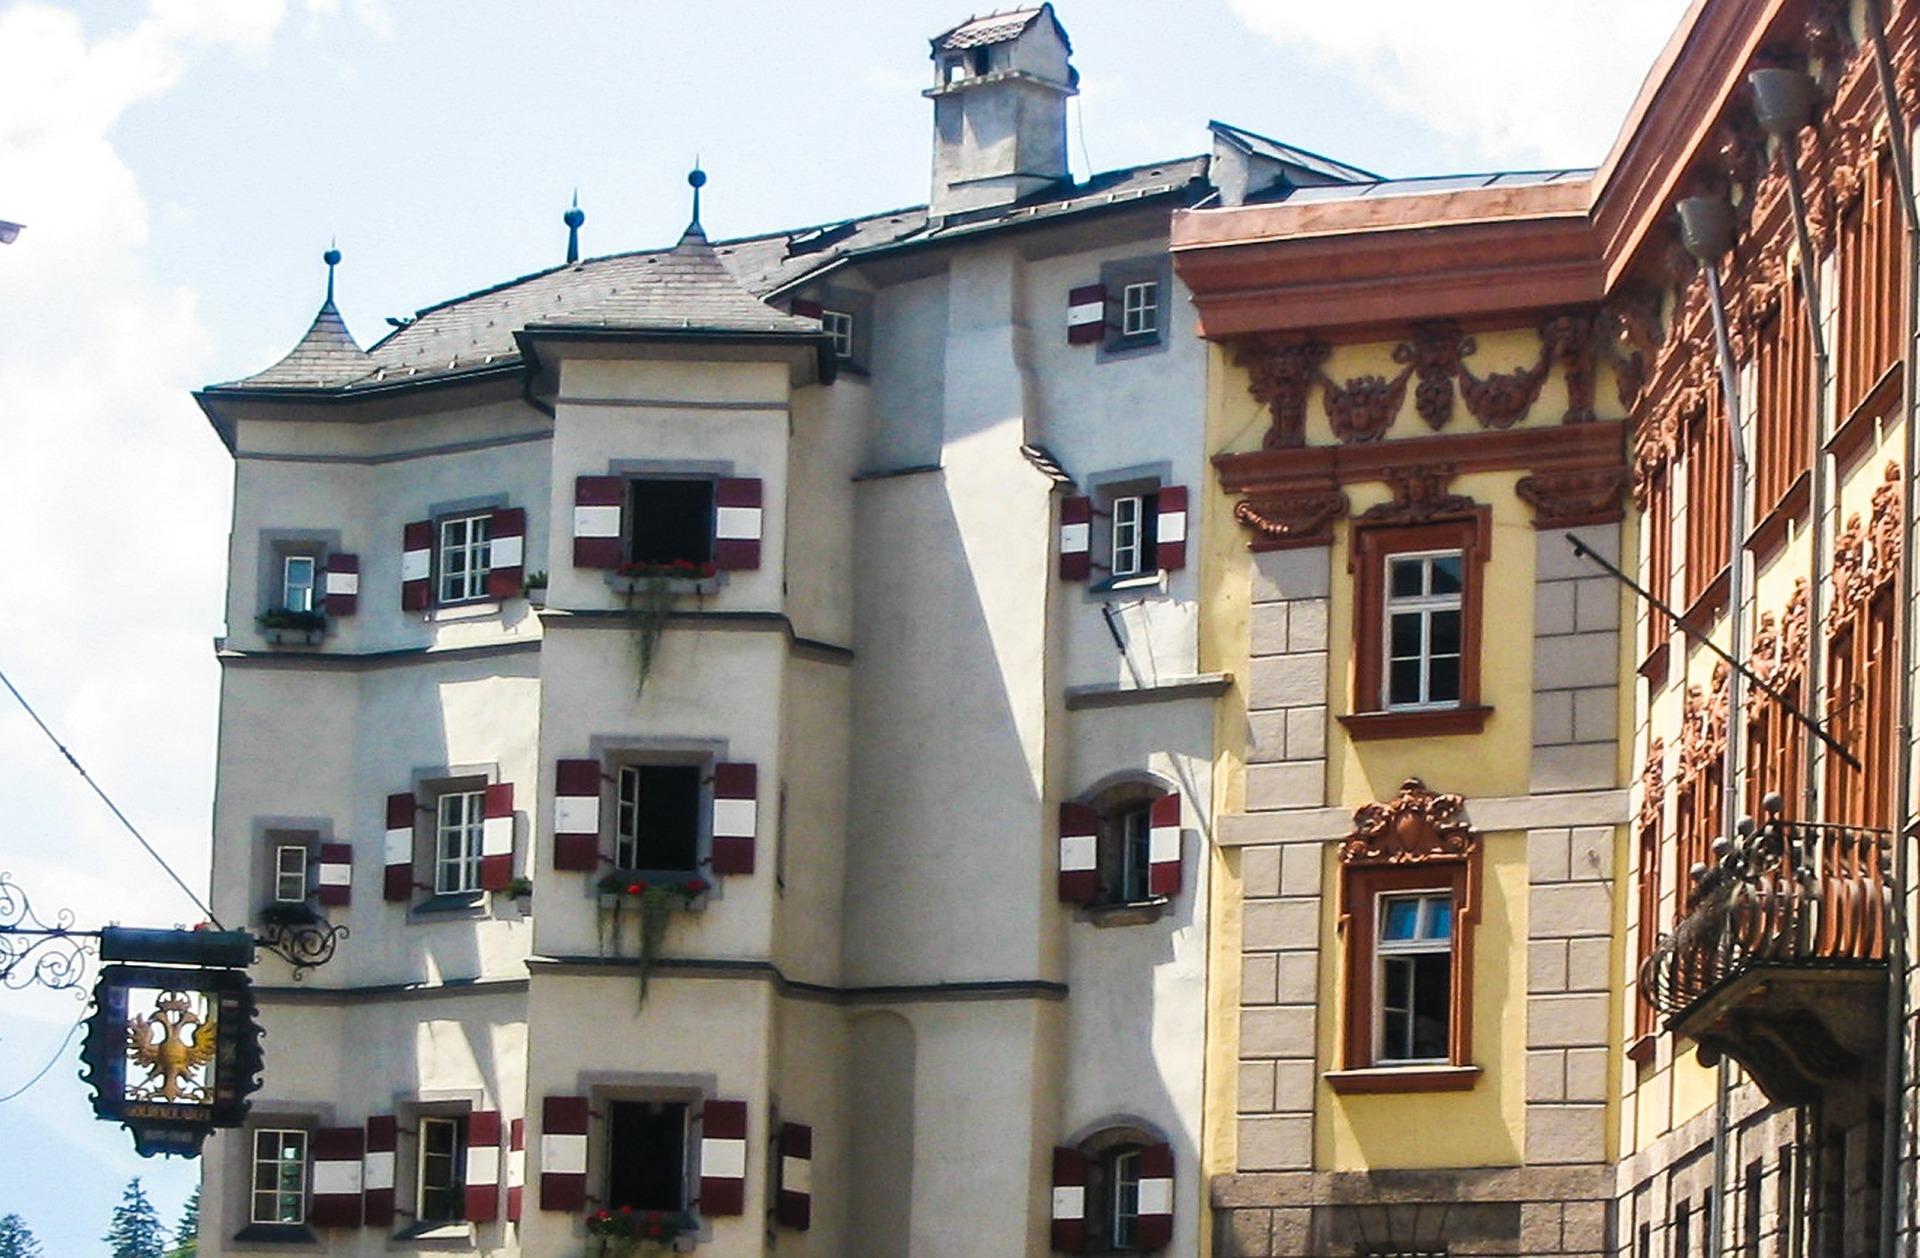 Mittelalterliche Spuren in Innsbruck